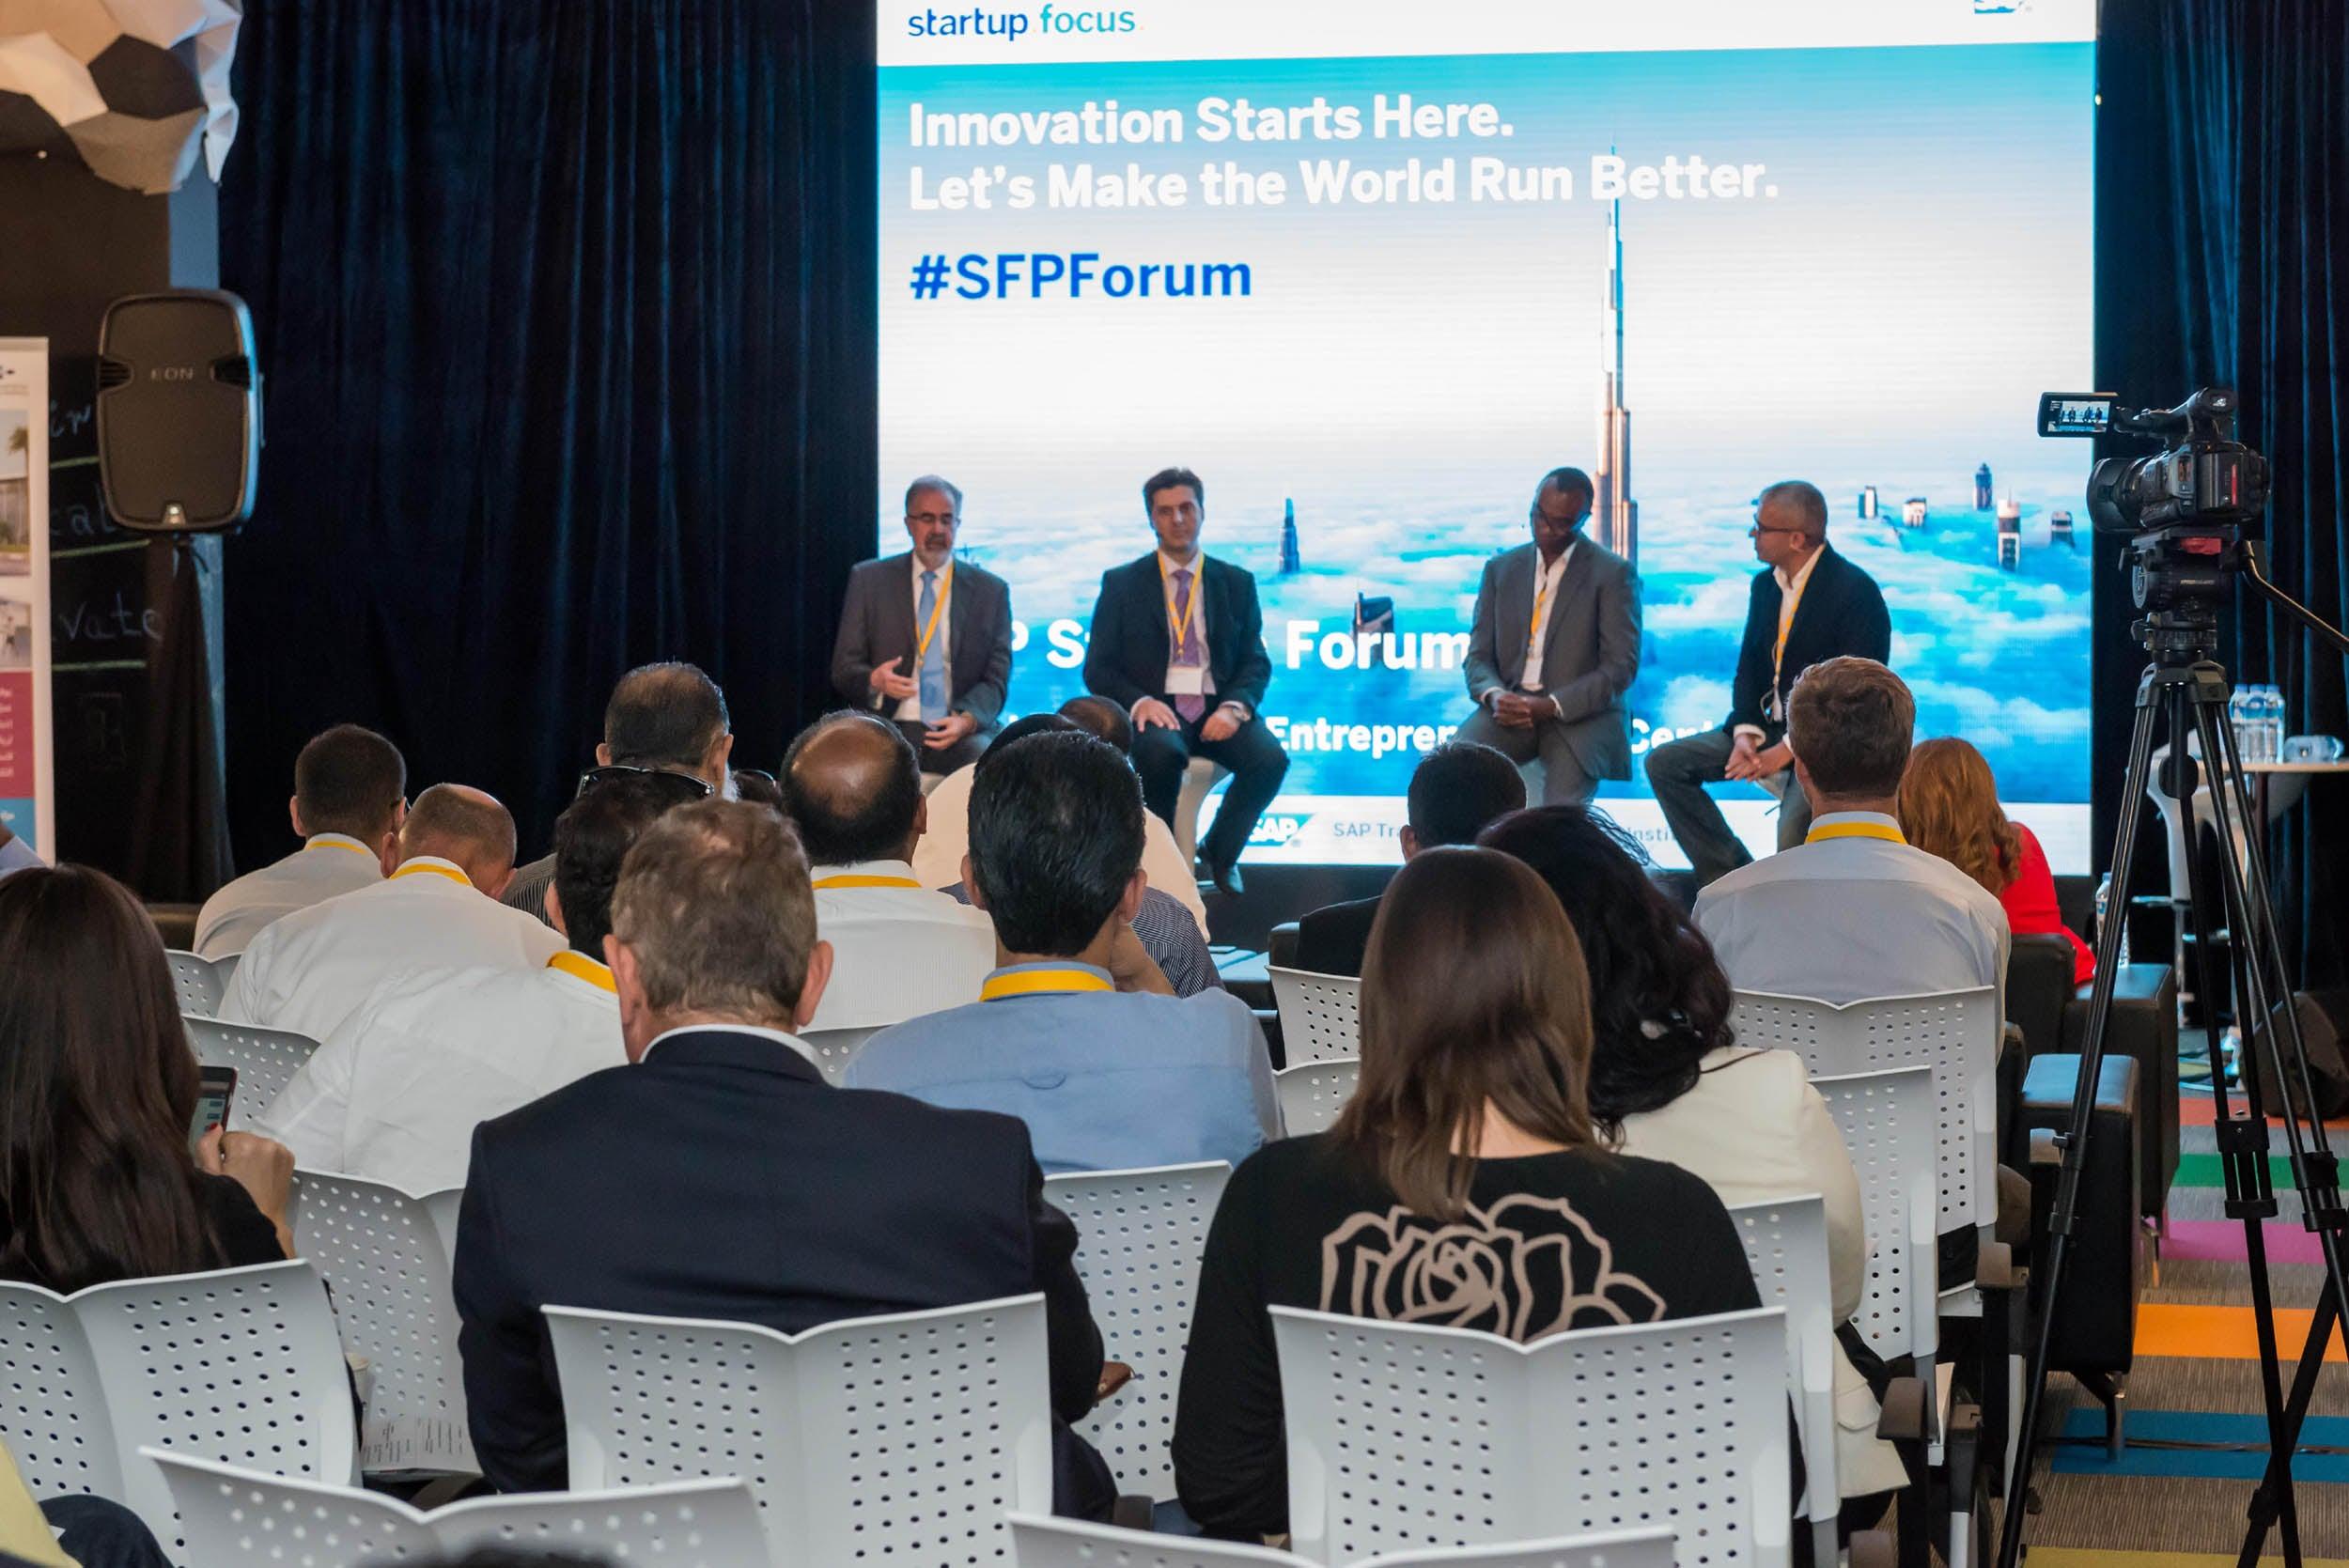 SAP Startup Focus Program Launches In The MENA Region